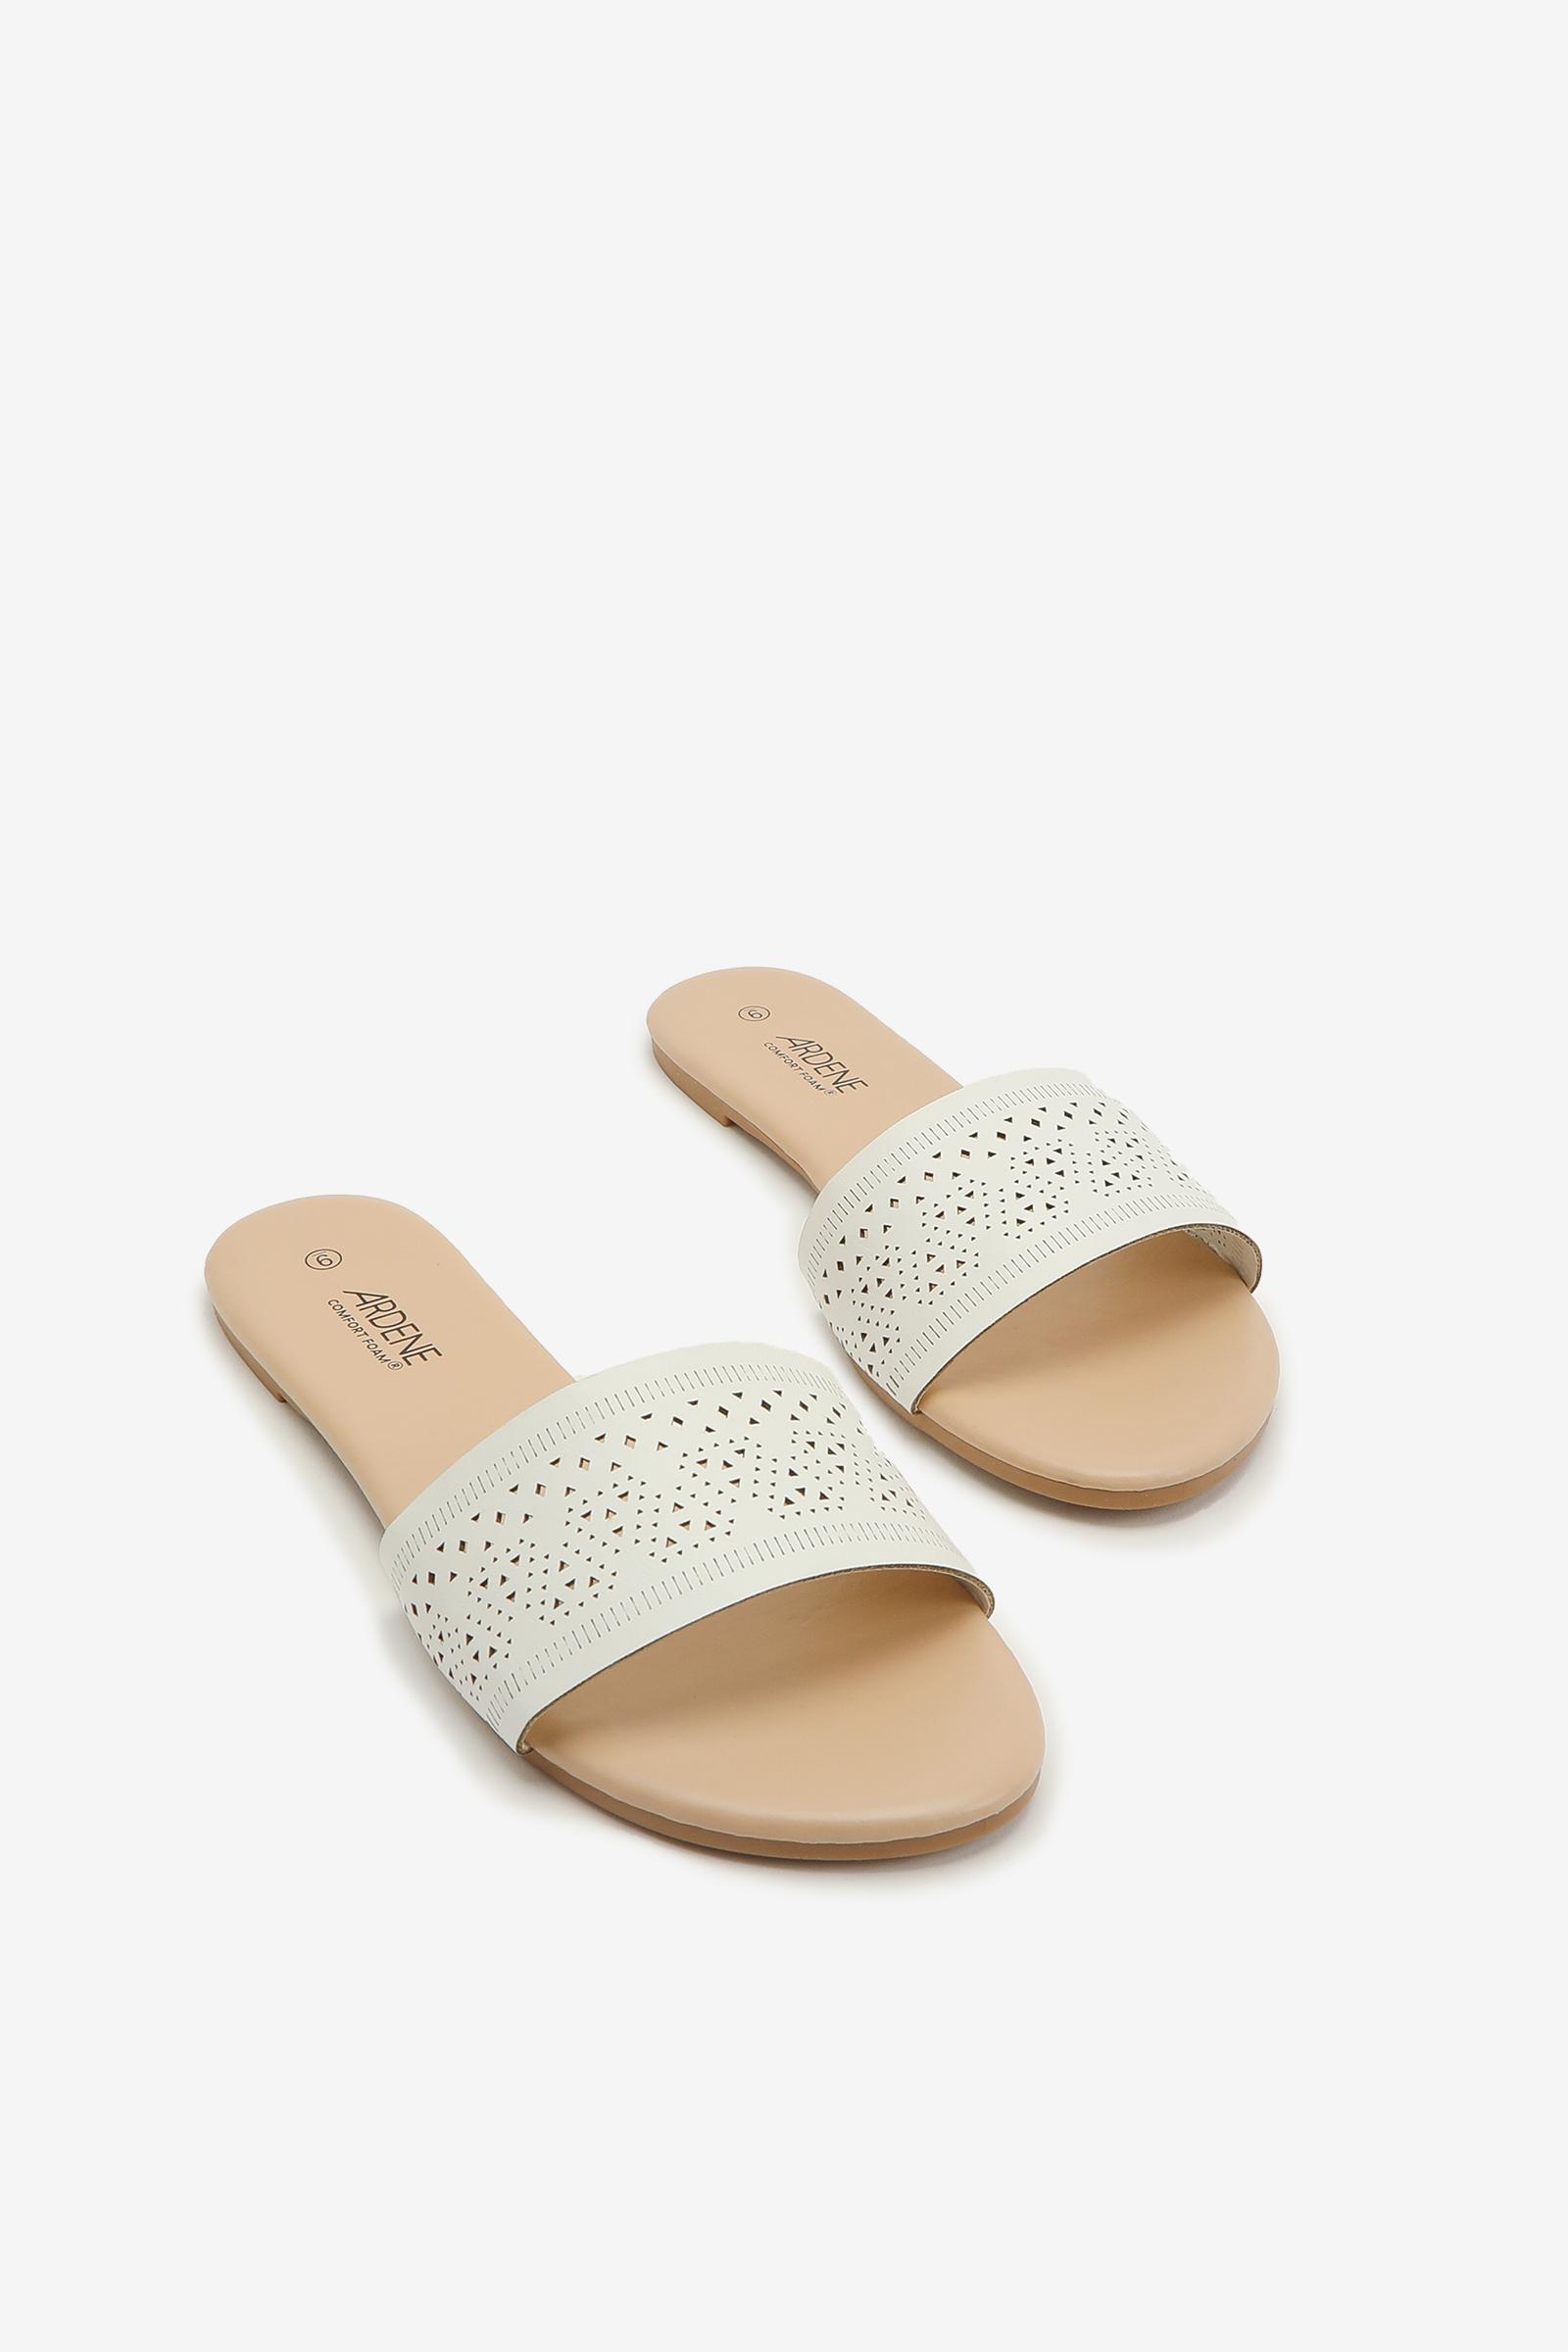 Sandales glissières perforées